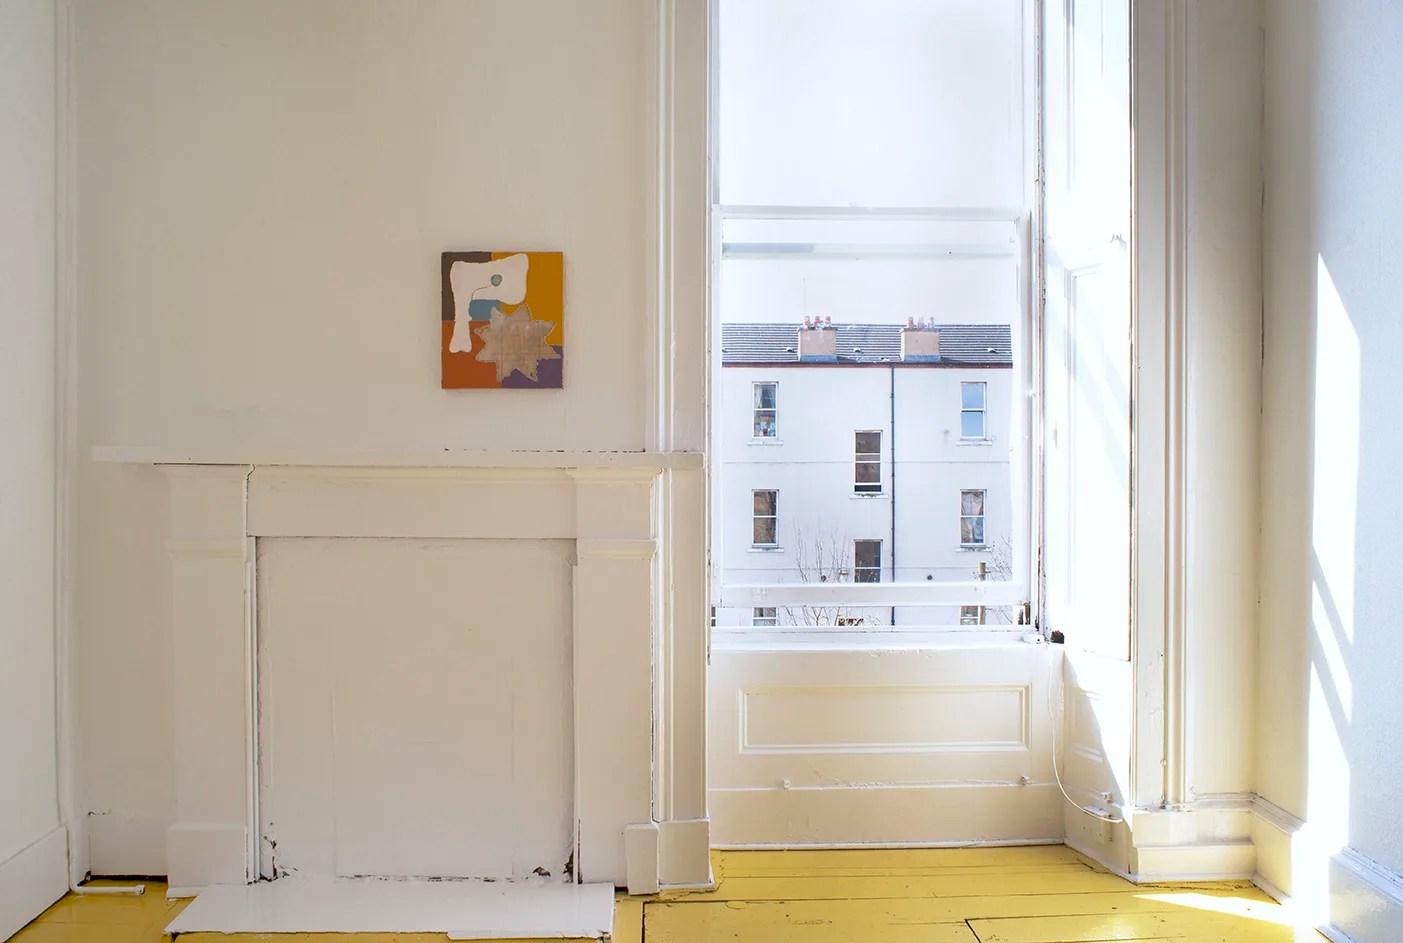 Little Bouket, Glasgow installation view